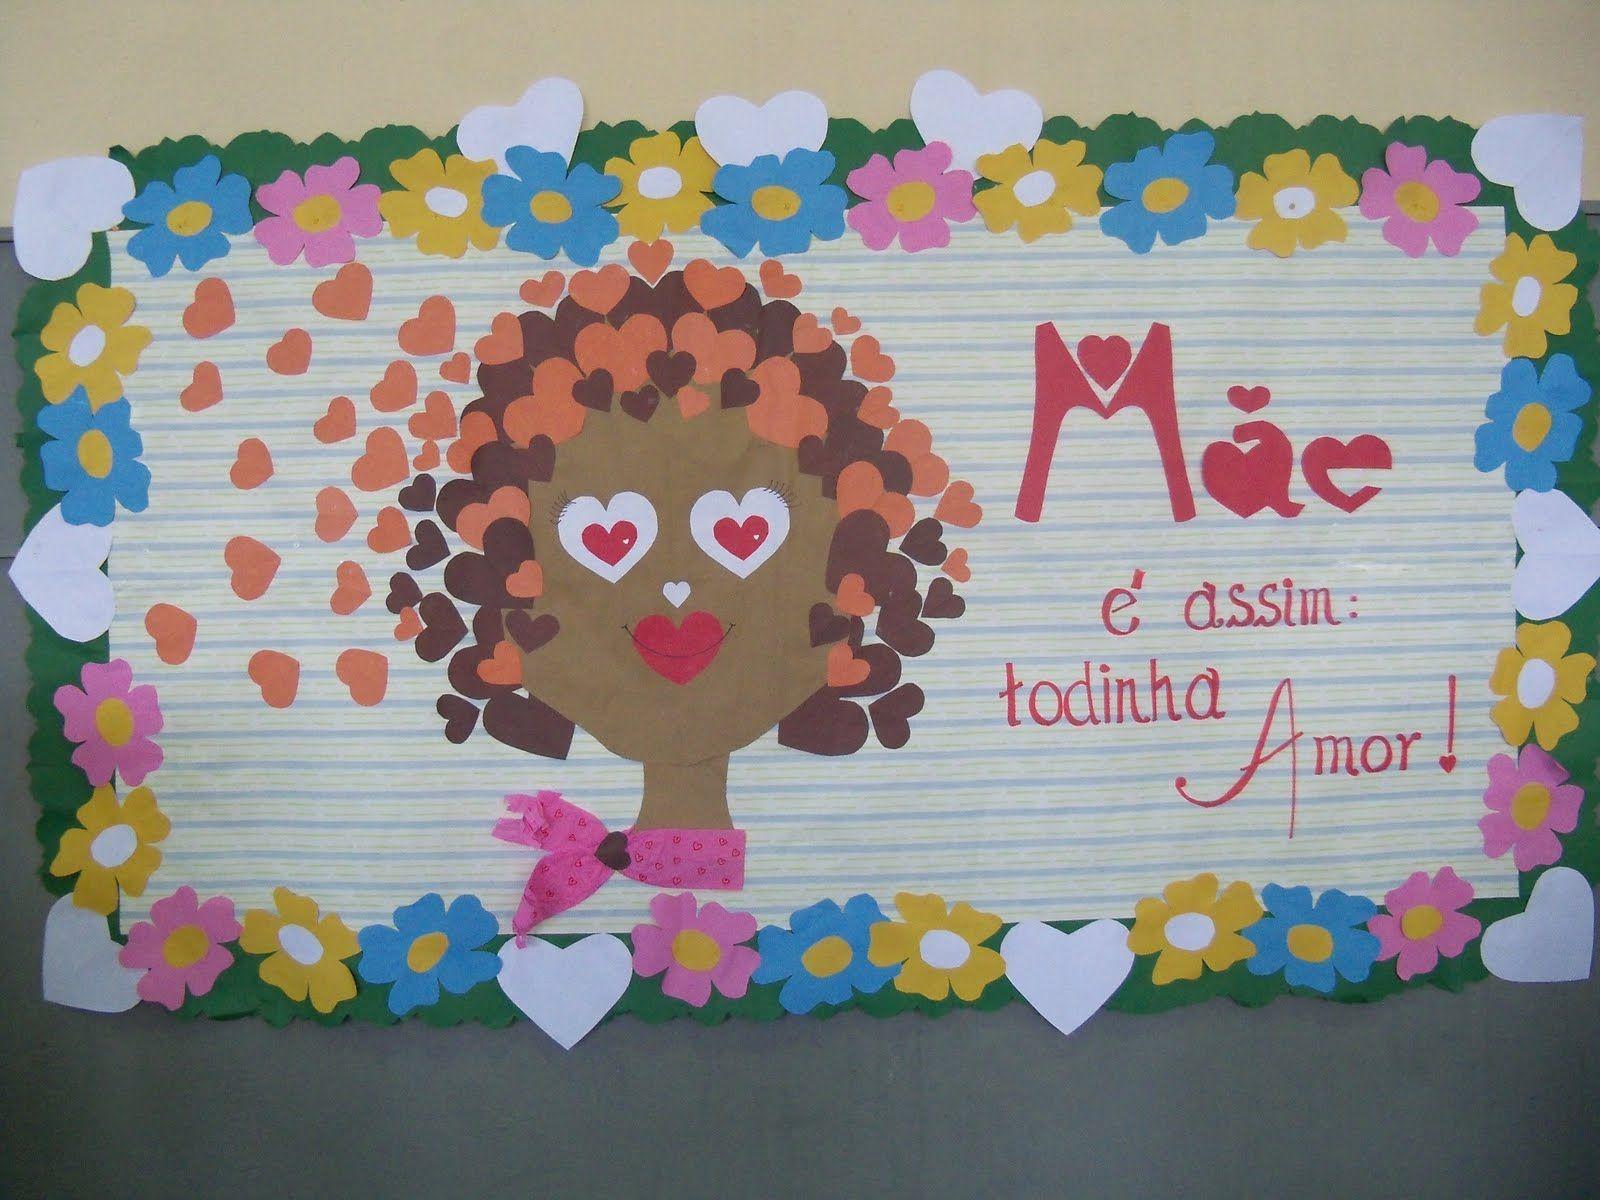 Mural Para O Dia Das Mães 50 Ideias Mamãe Mãe Dia Das Mães E